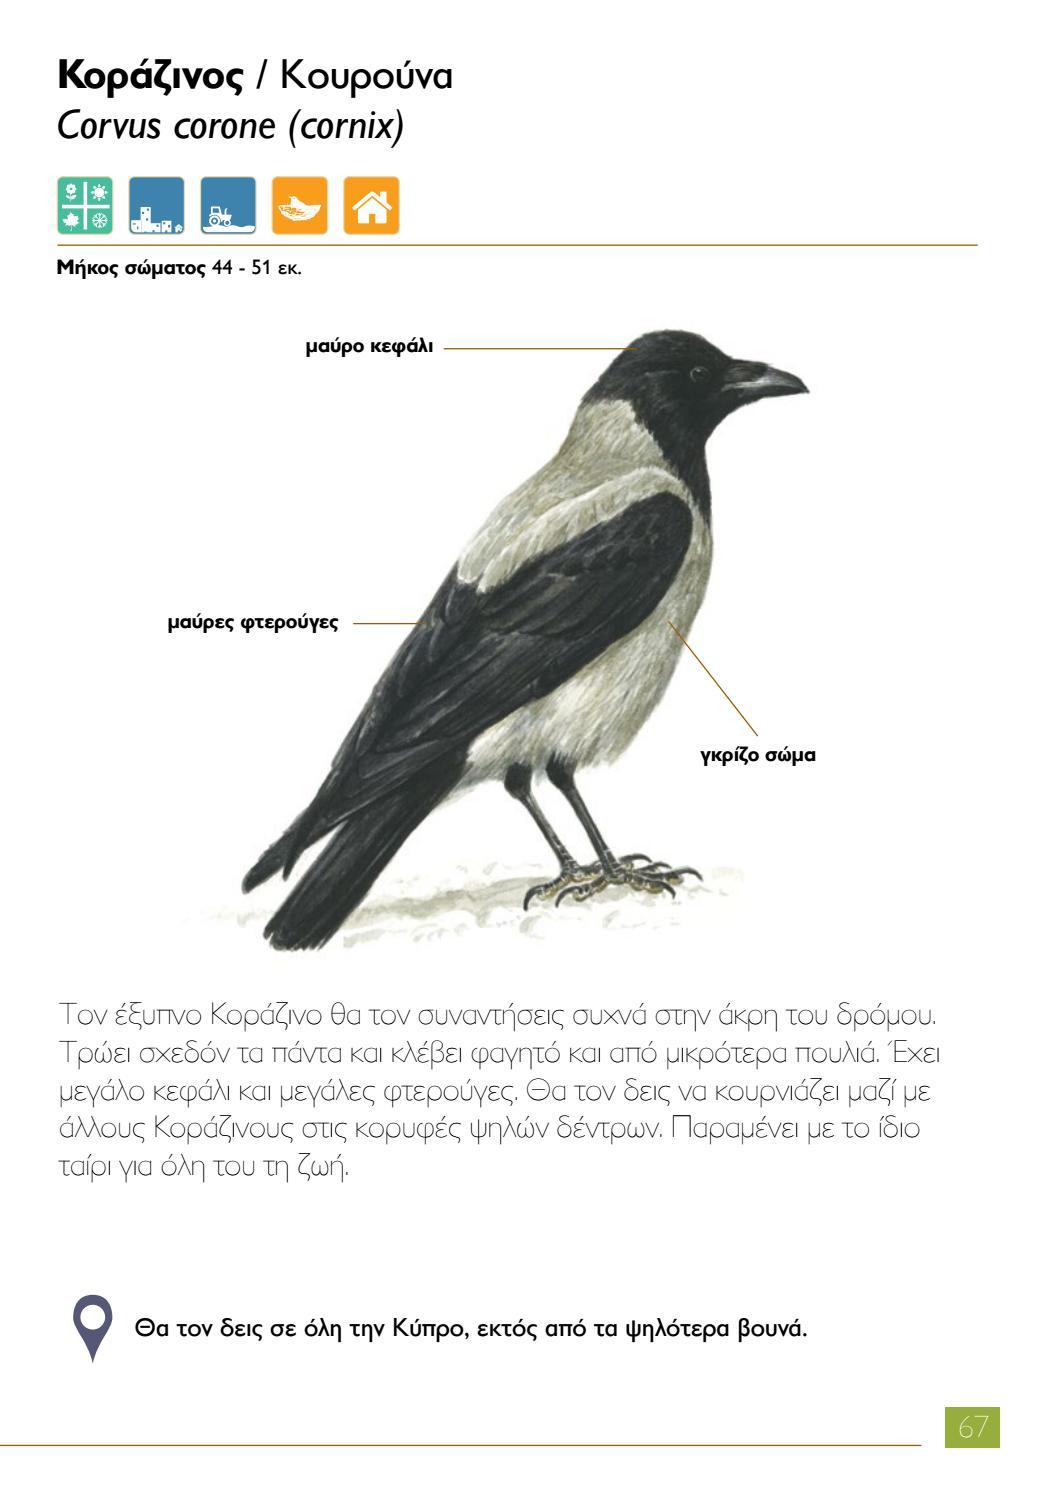 ένα μεγάλο μαύρο πουλί βυζιά τσιμπούκια φωτογραφίες